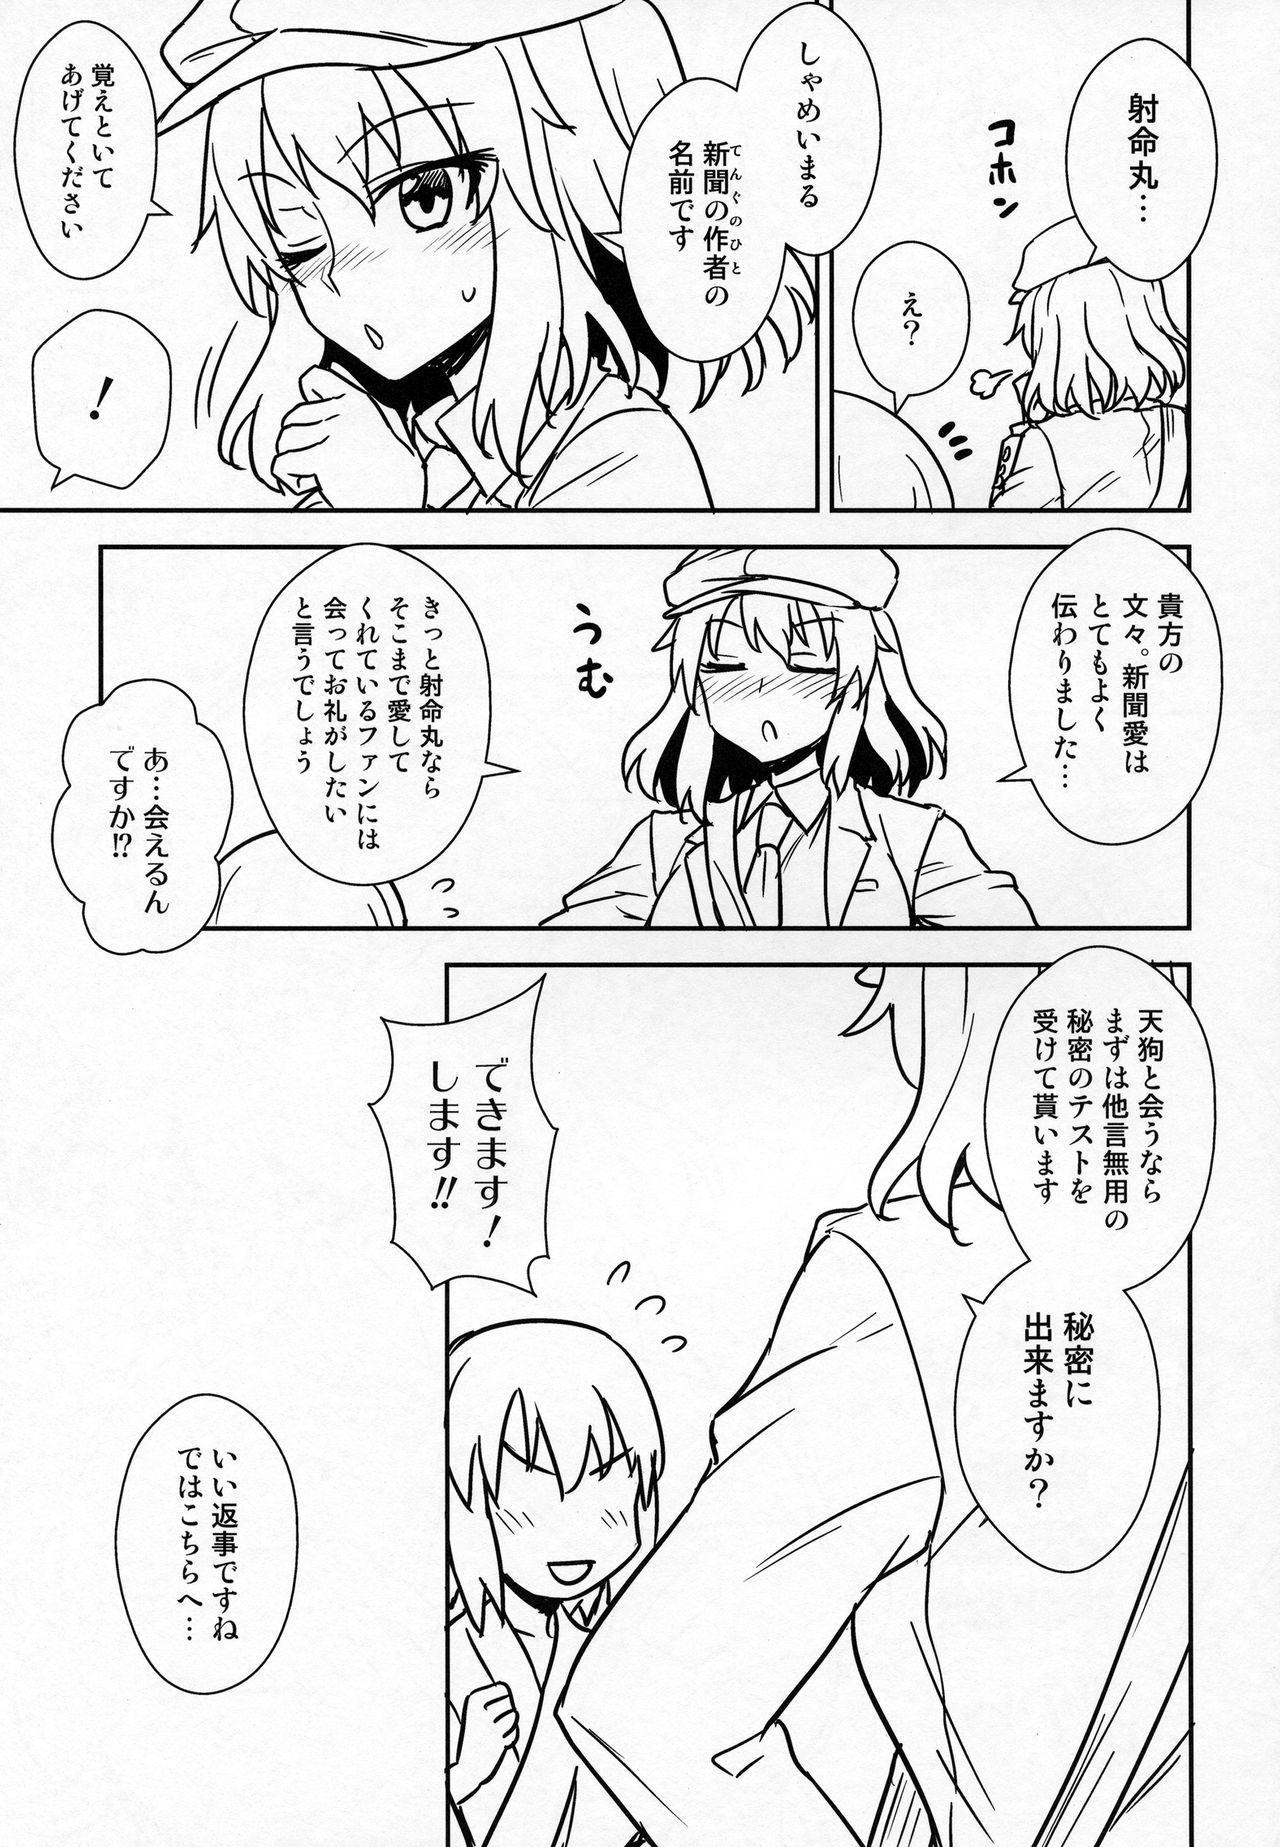 Aya-san to Himitsuzukuri 5